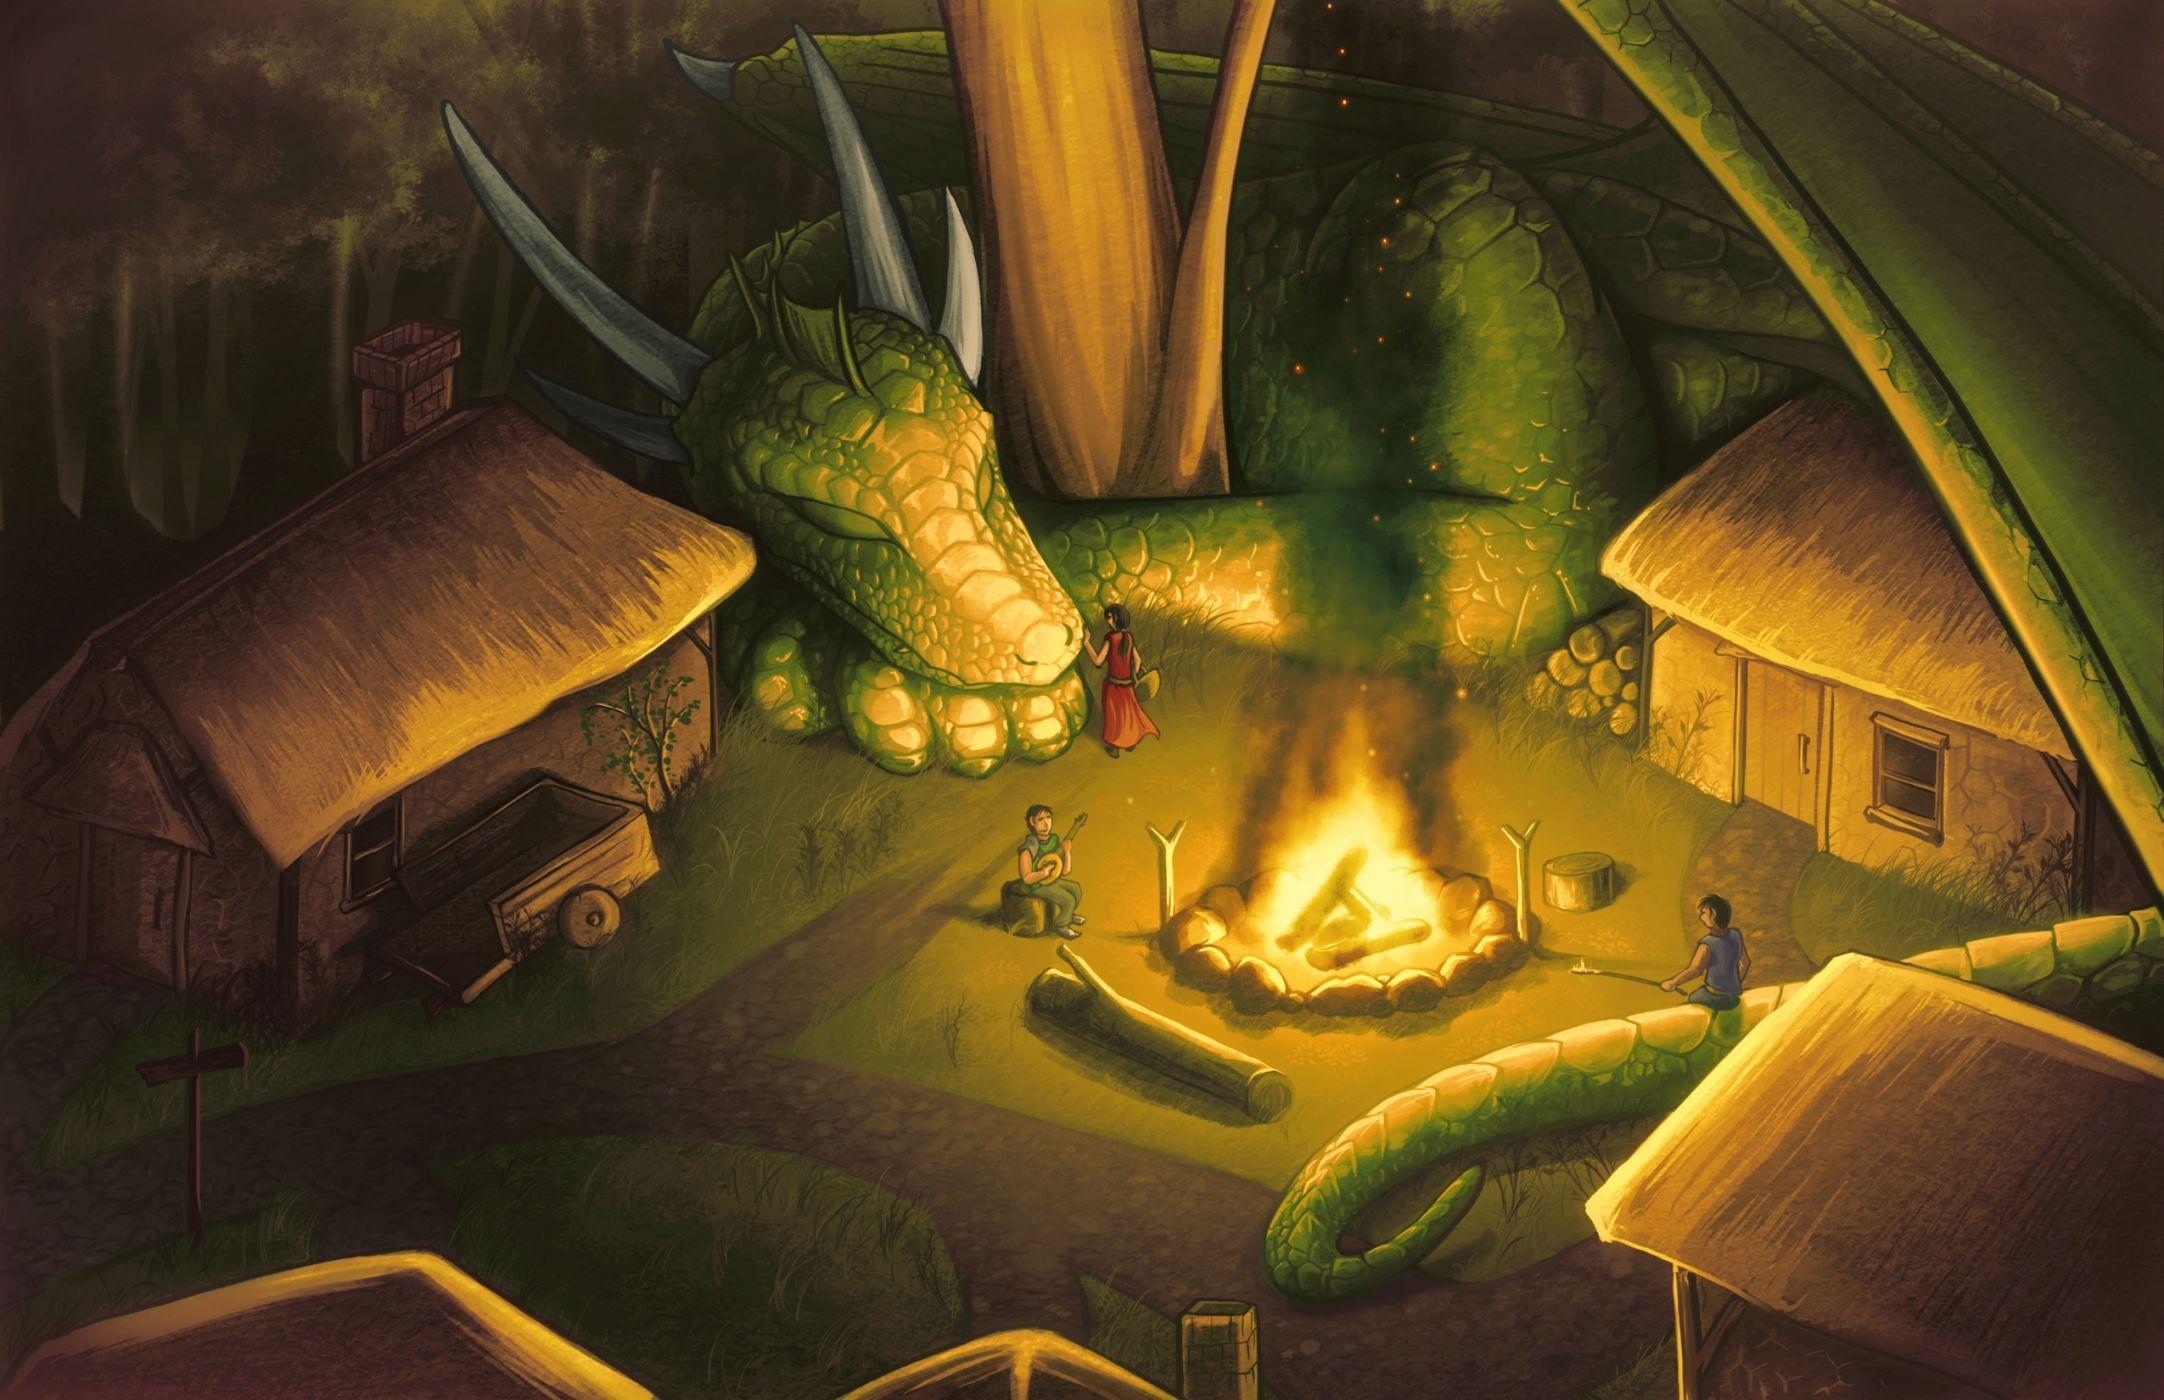 Картинки фэнтези подземелья и драконы